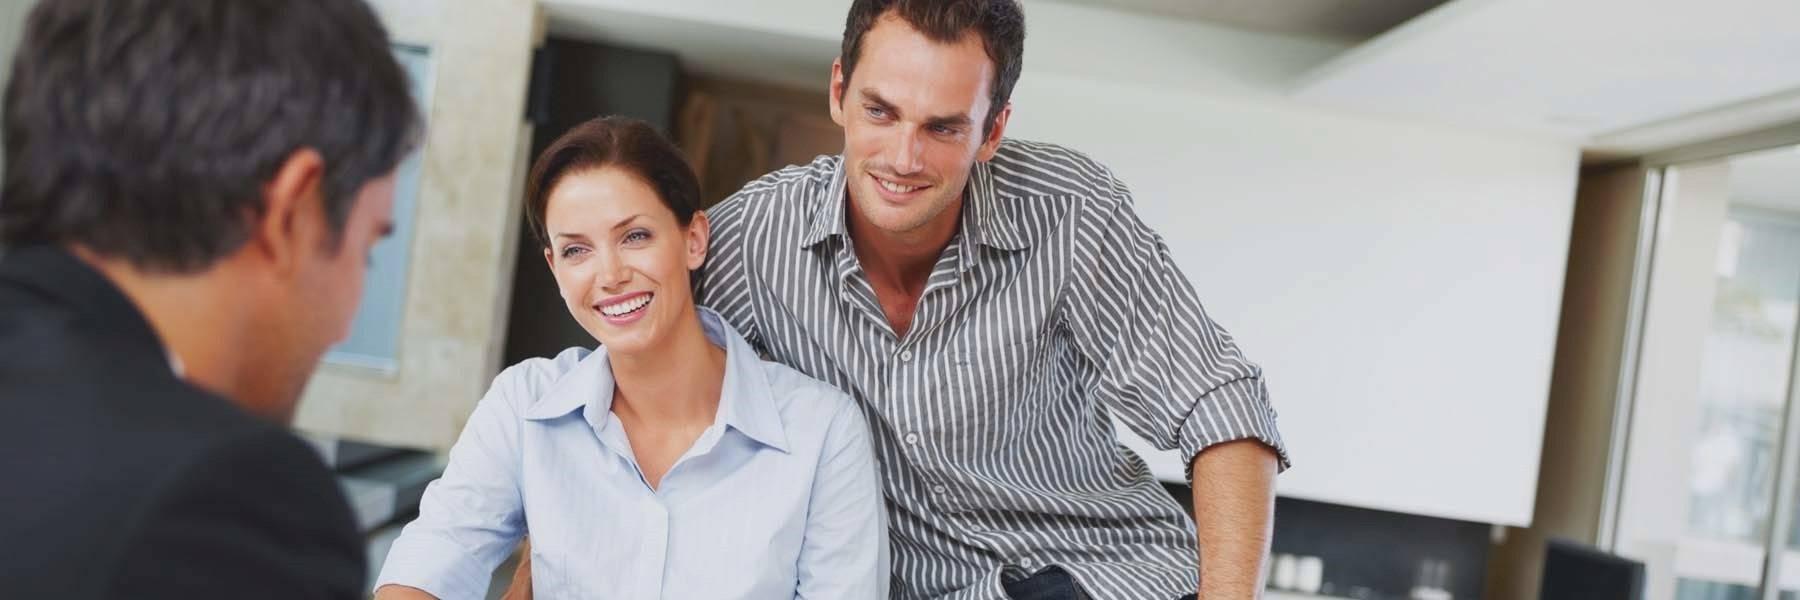 Rentemiddeling - HypotheekStore - HypotheekStore.com